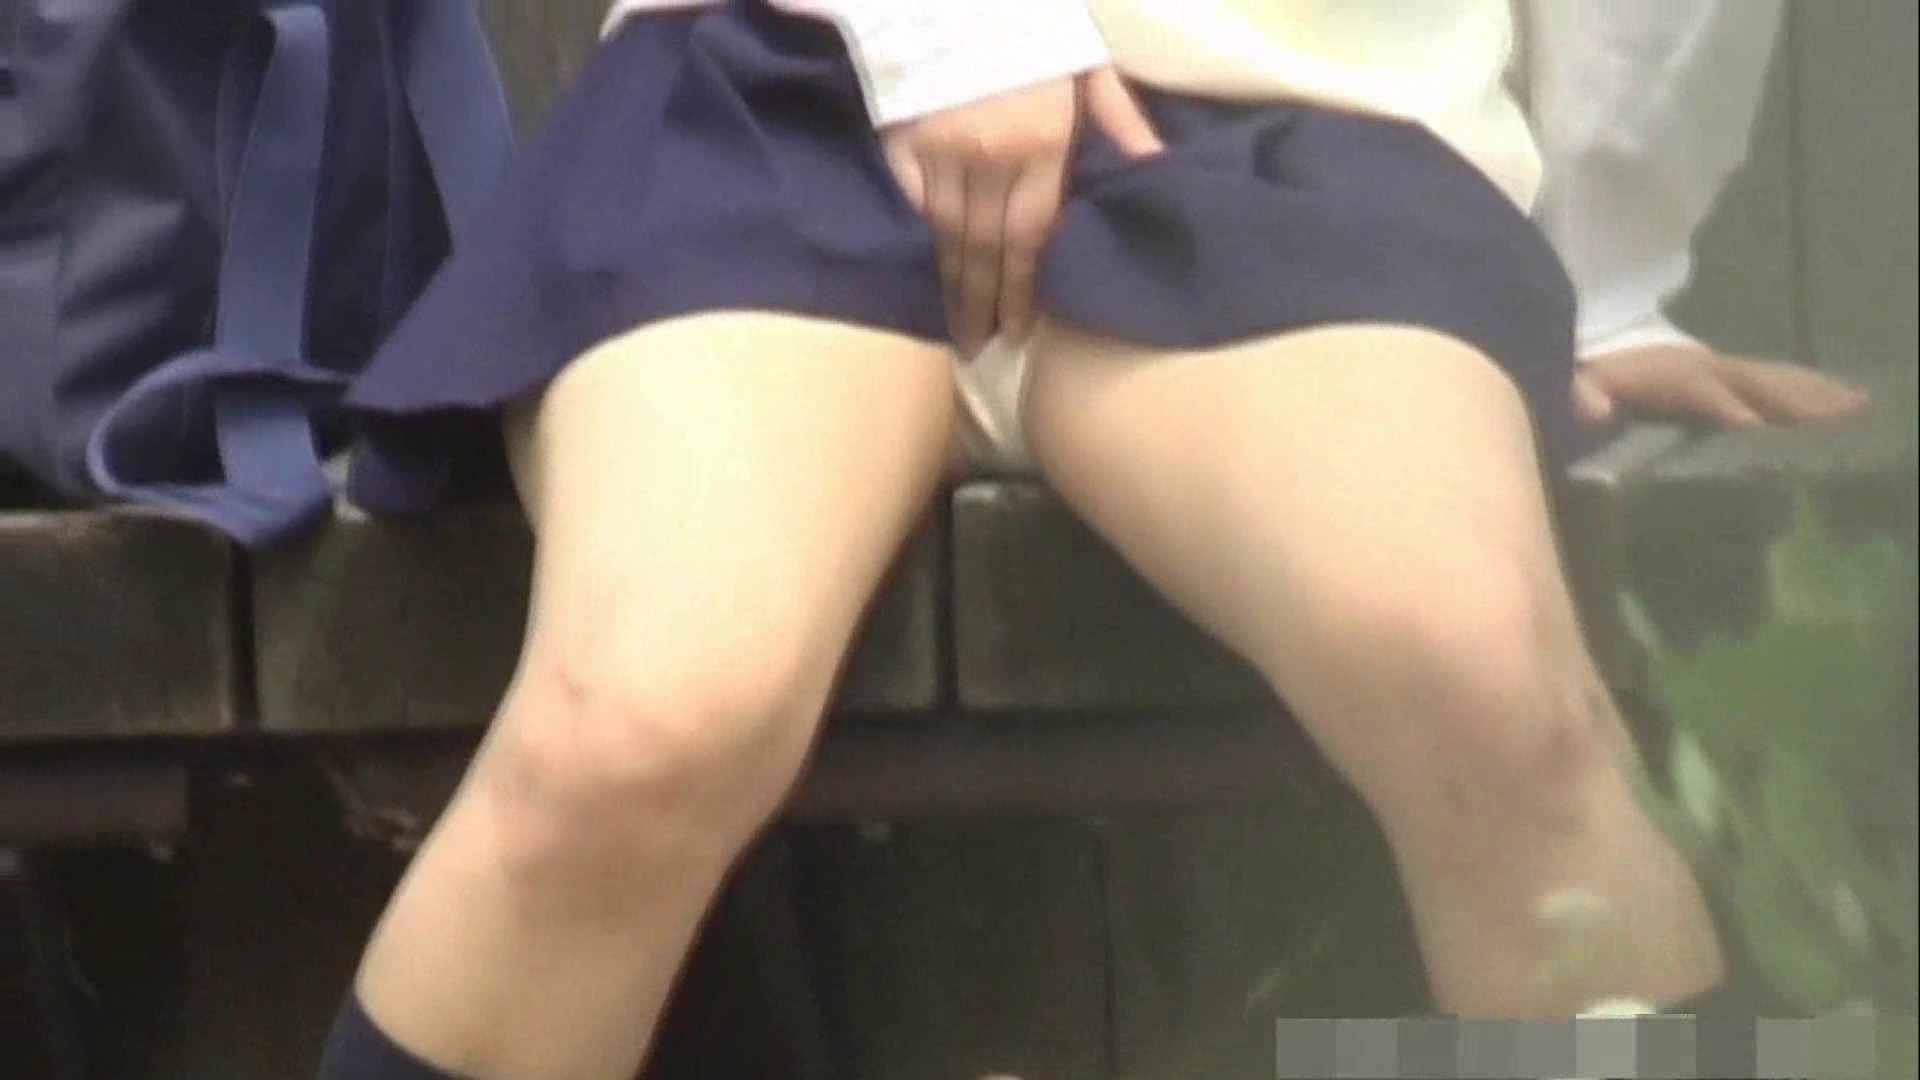 アヘ顔のわたしってどうかしら Vol.043 エッチな乙女 ワレメ動画紹介 49pic 17